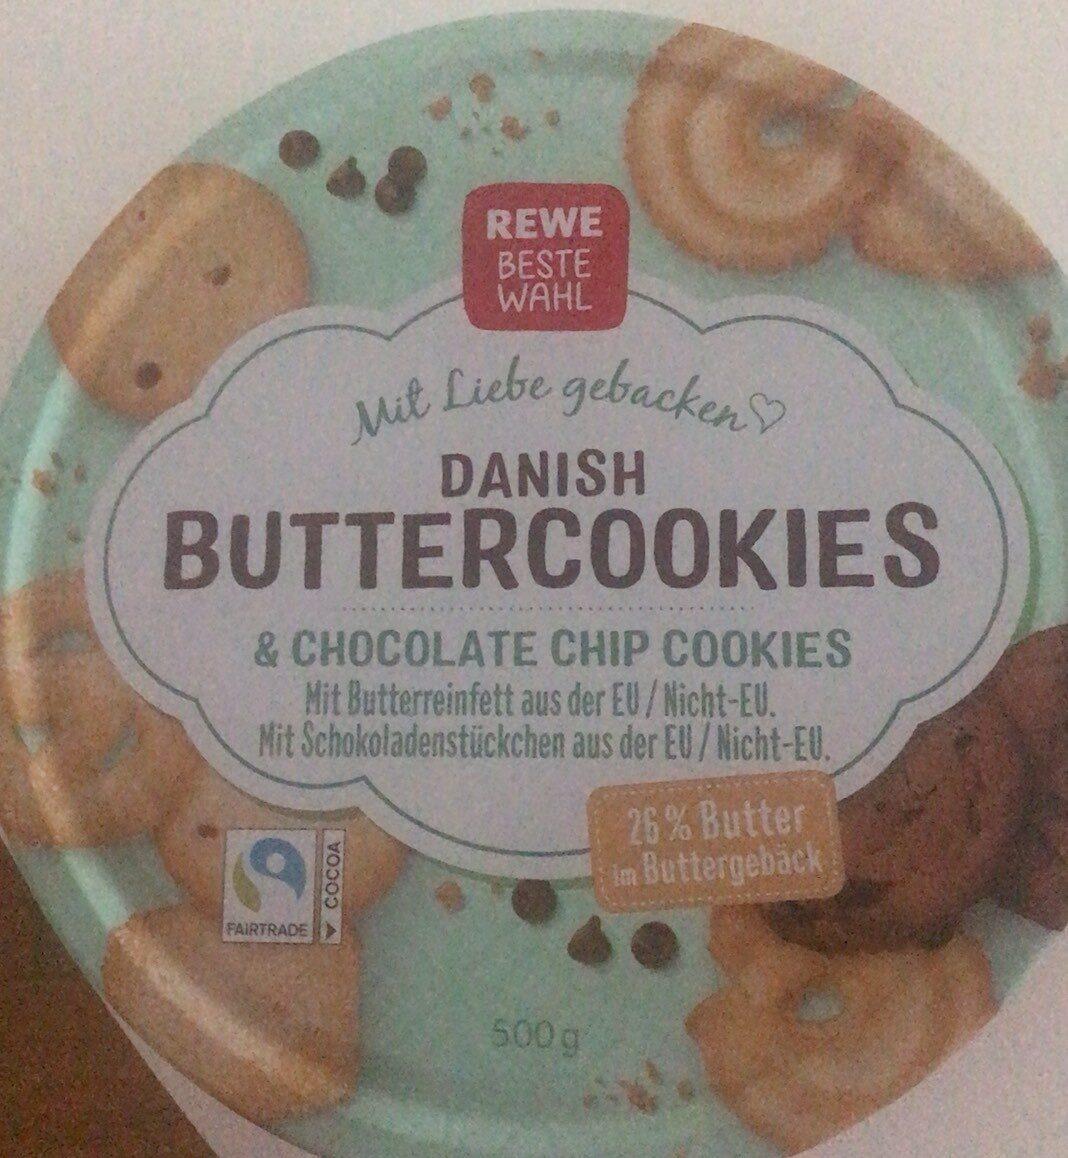 Danish Buttercookies   Rewe   20 g